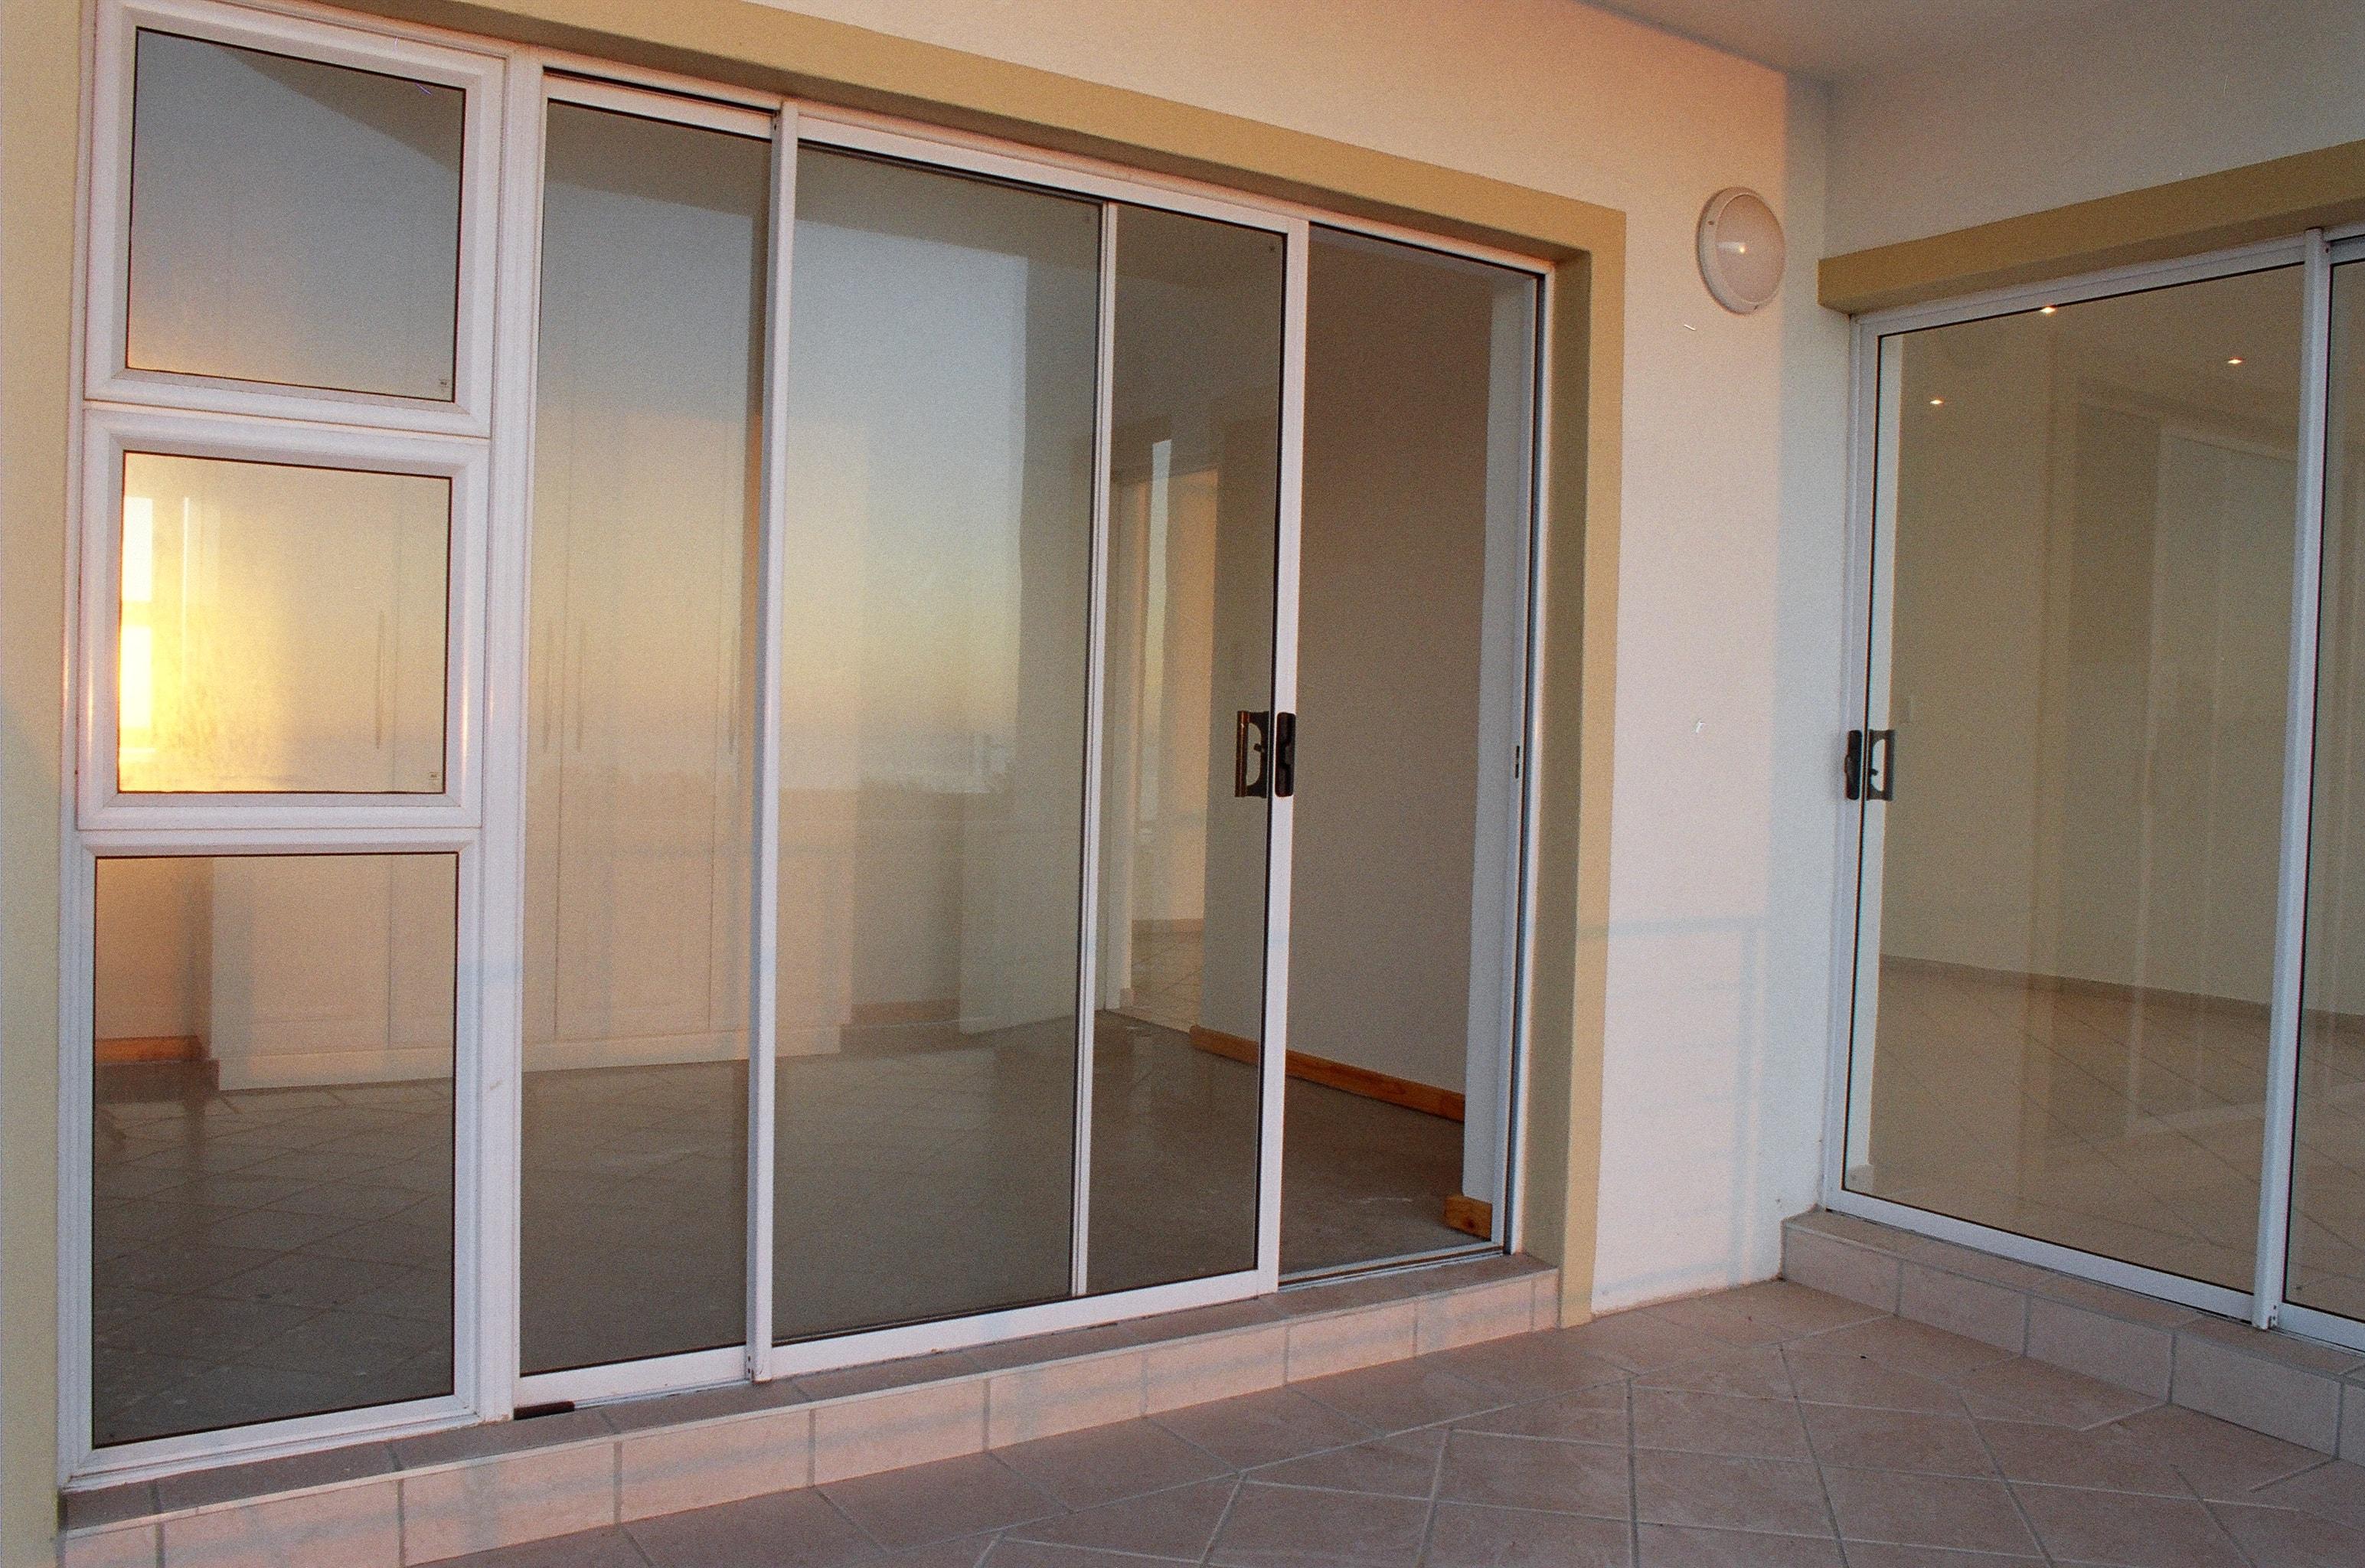 Раздвижные двери - спецремстрой - кирово-Чепецк.